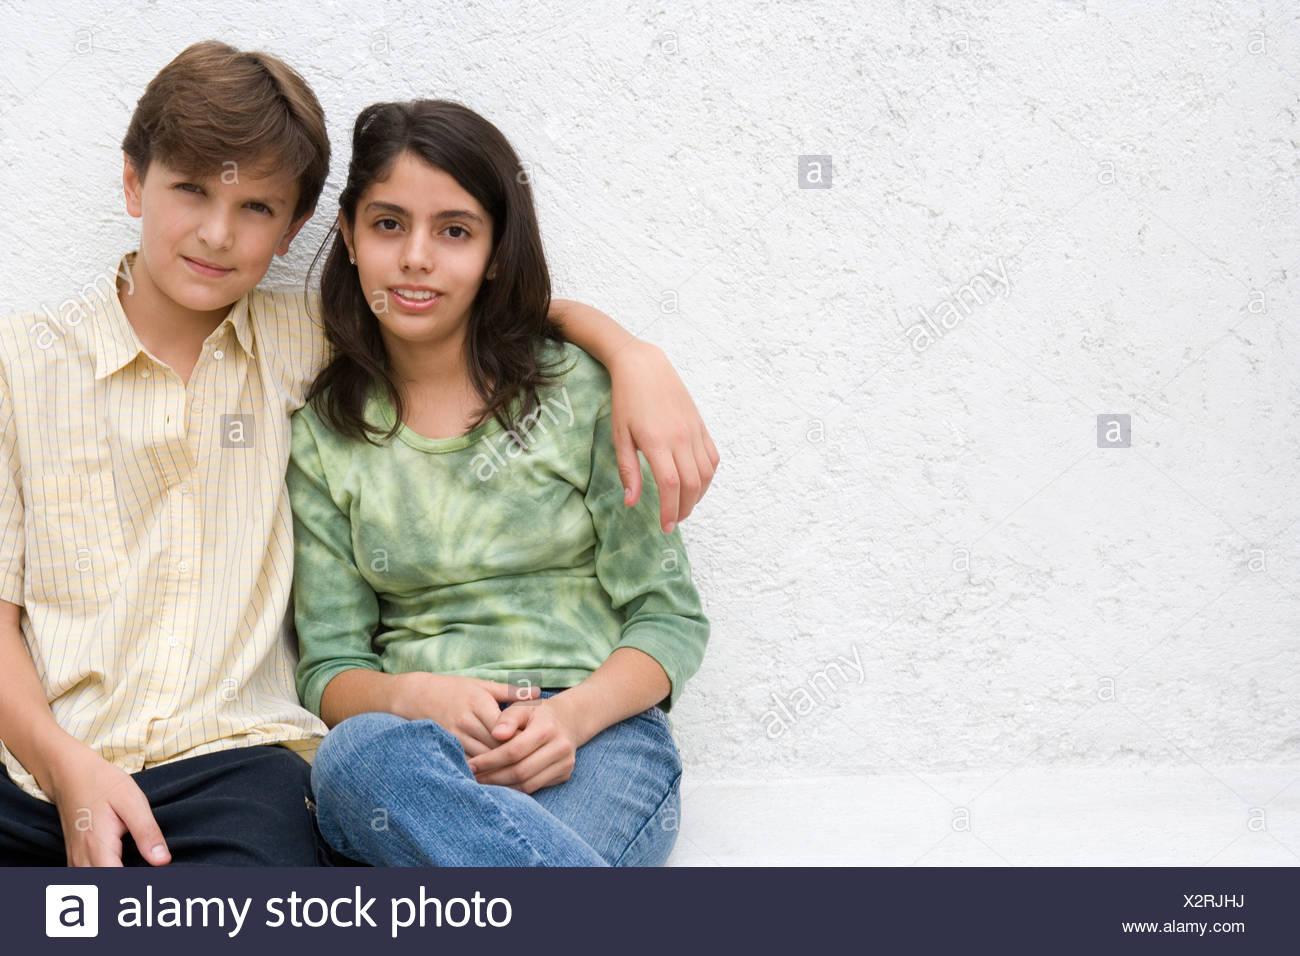 siblings hugging stock photo 277114702 alamy